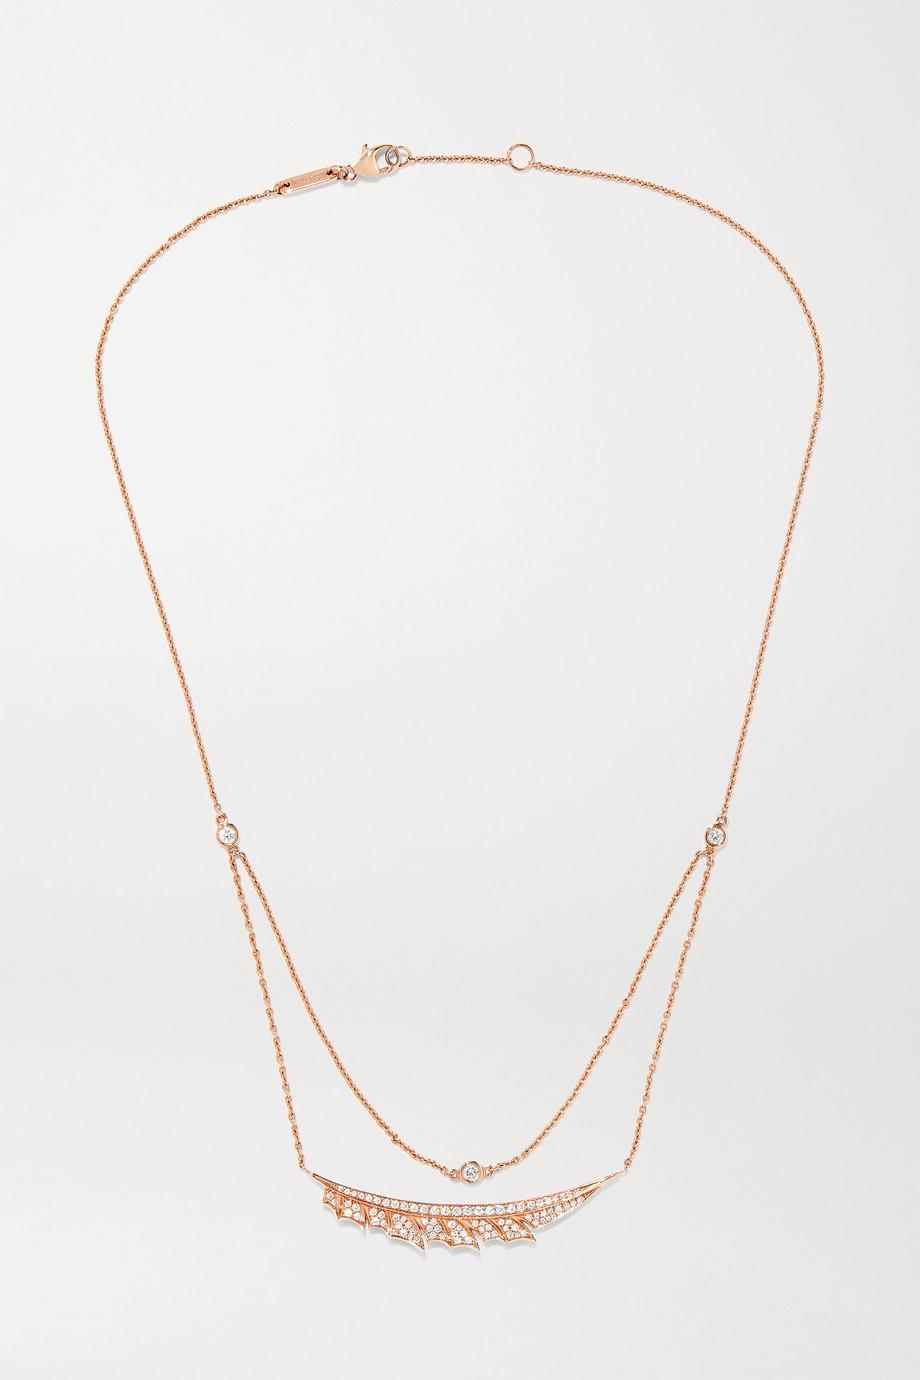 Stephen Webster Magnipheasant 18-karat rose gold diamond necklace